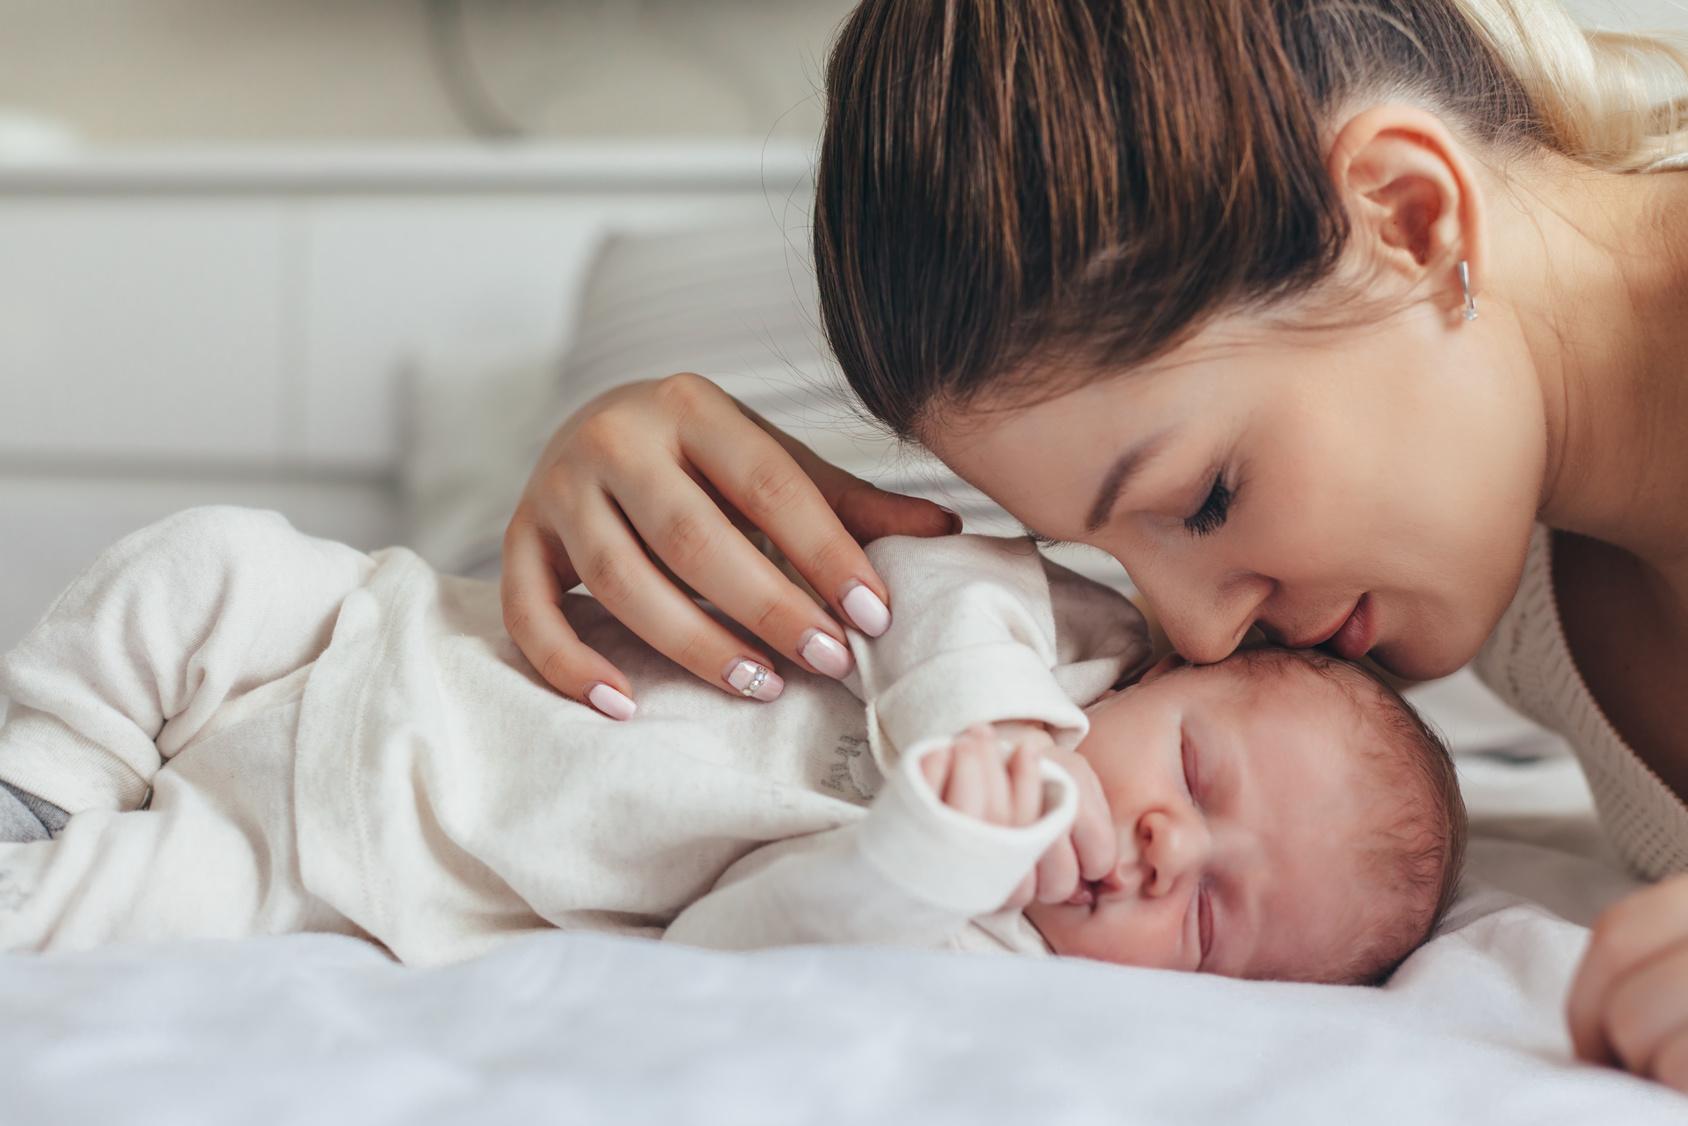 Scegli qualsiasi programma <br>di maternità surrogata con uno sconto del 5%